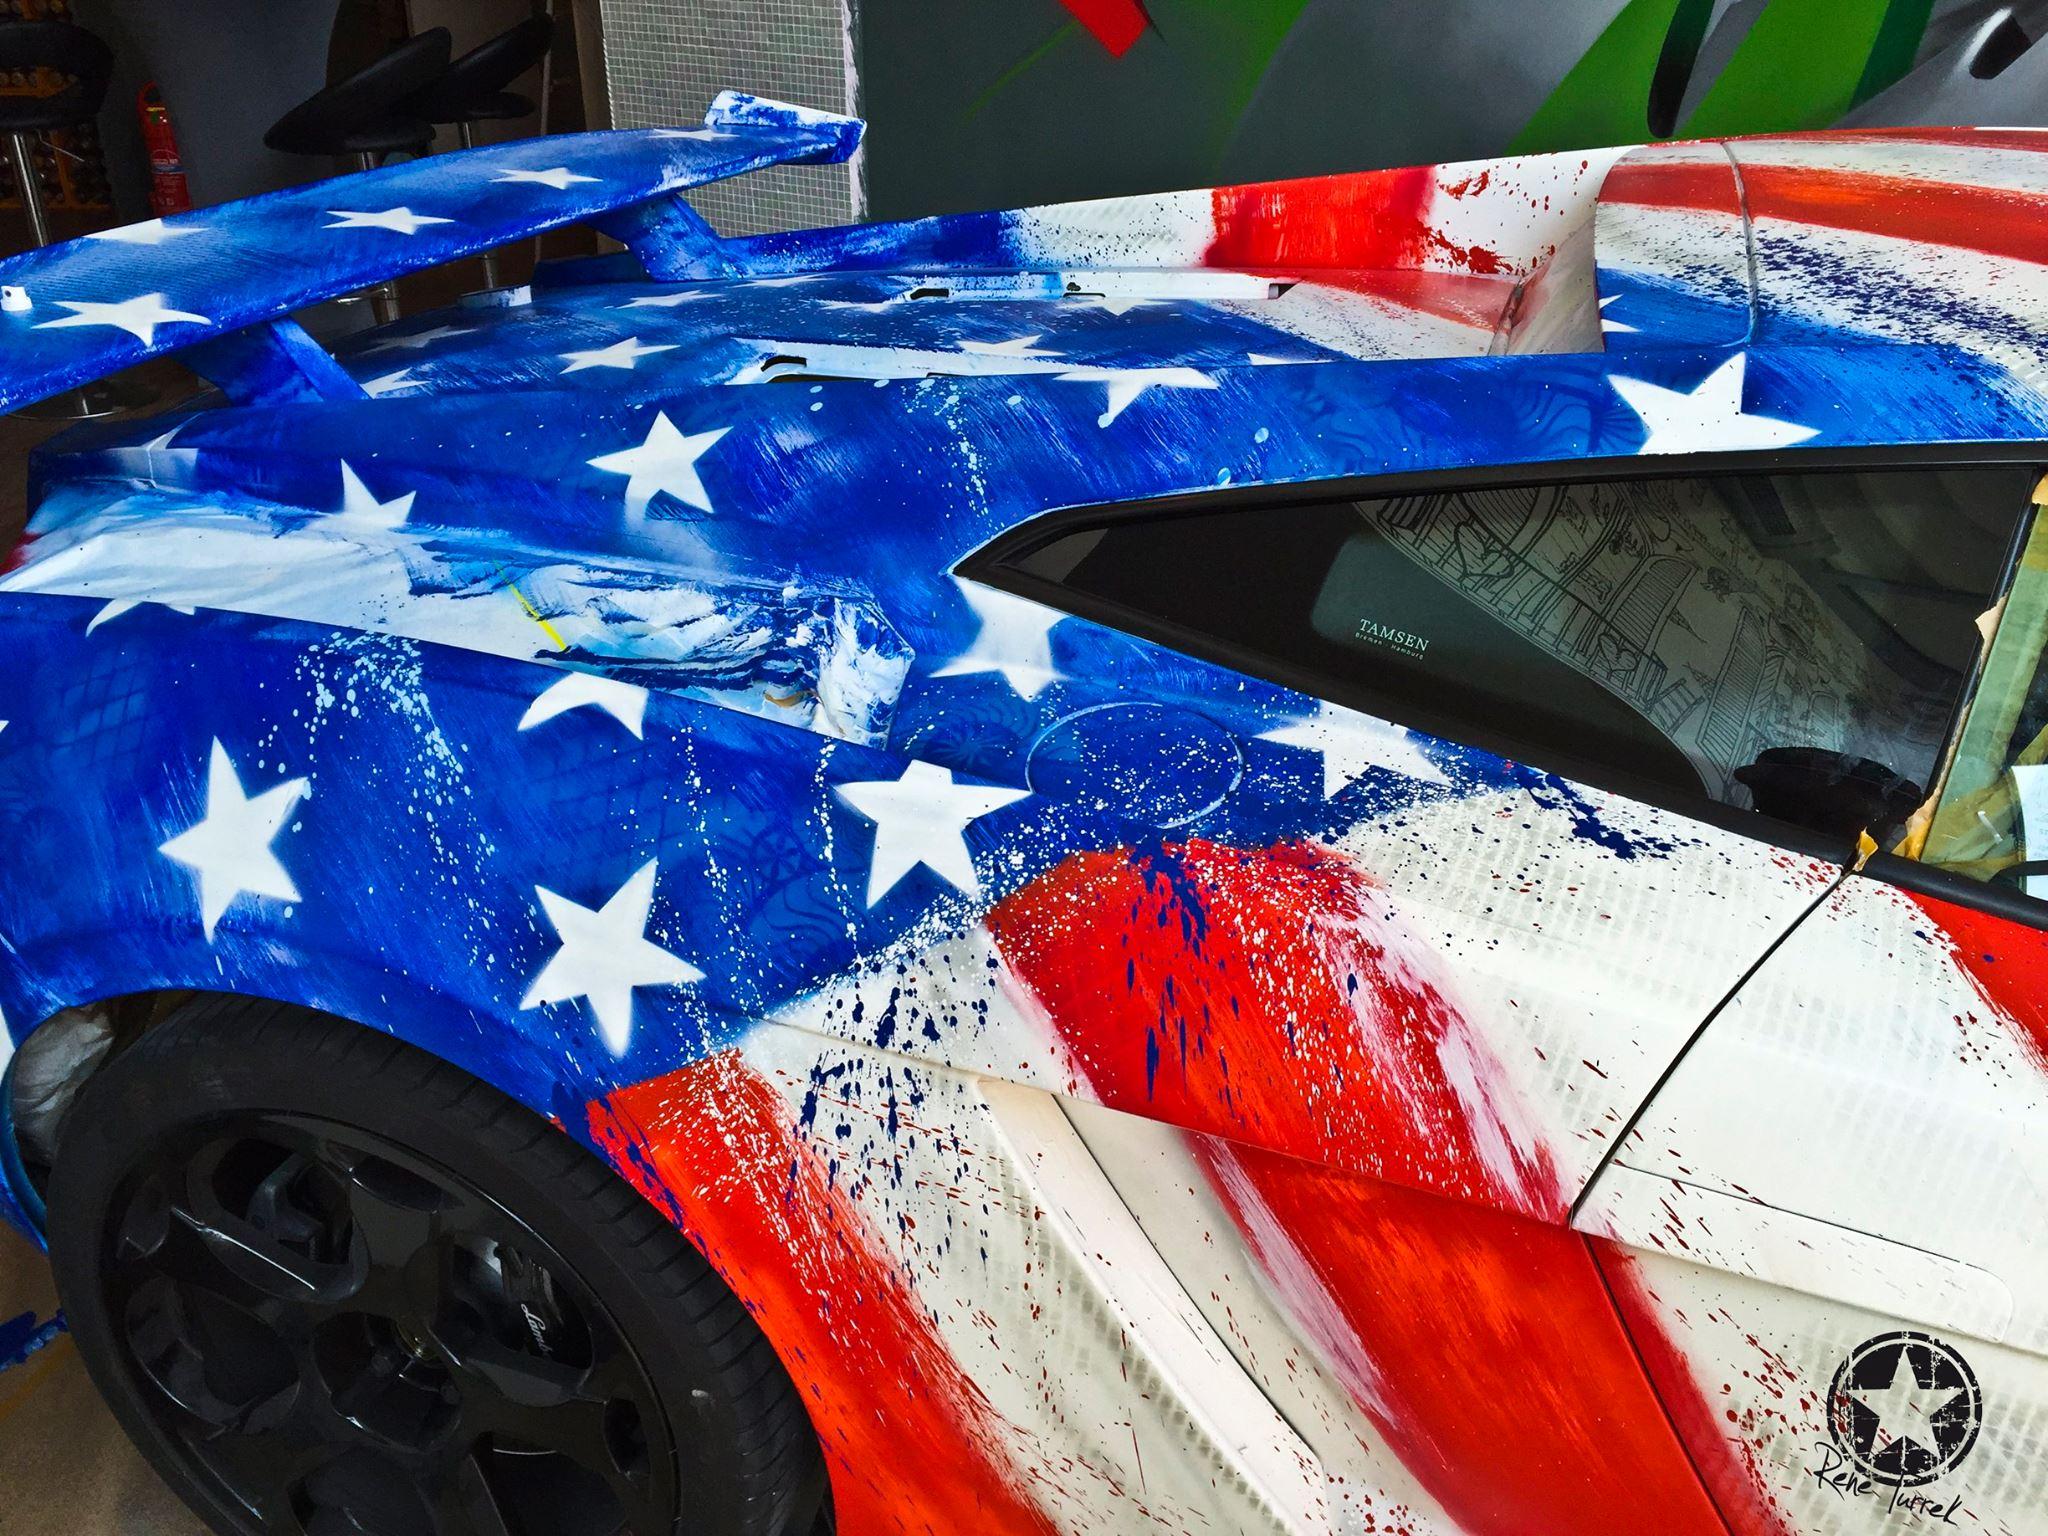 Quot The First Avenger Quot Lamborghini Changes Colors When Wet